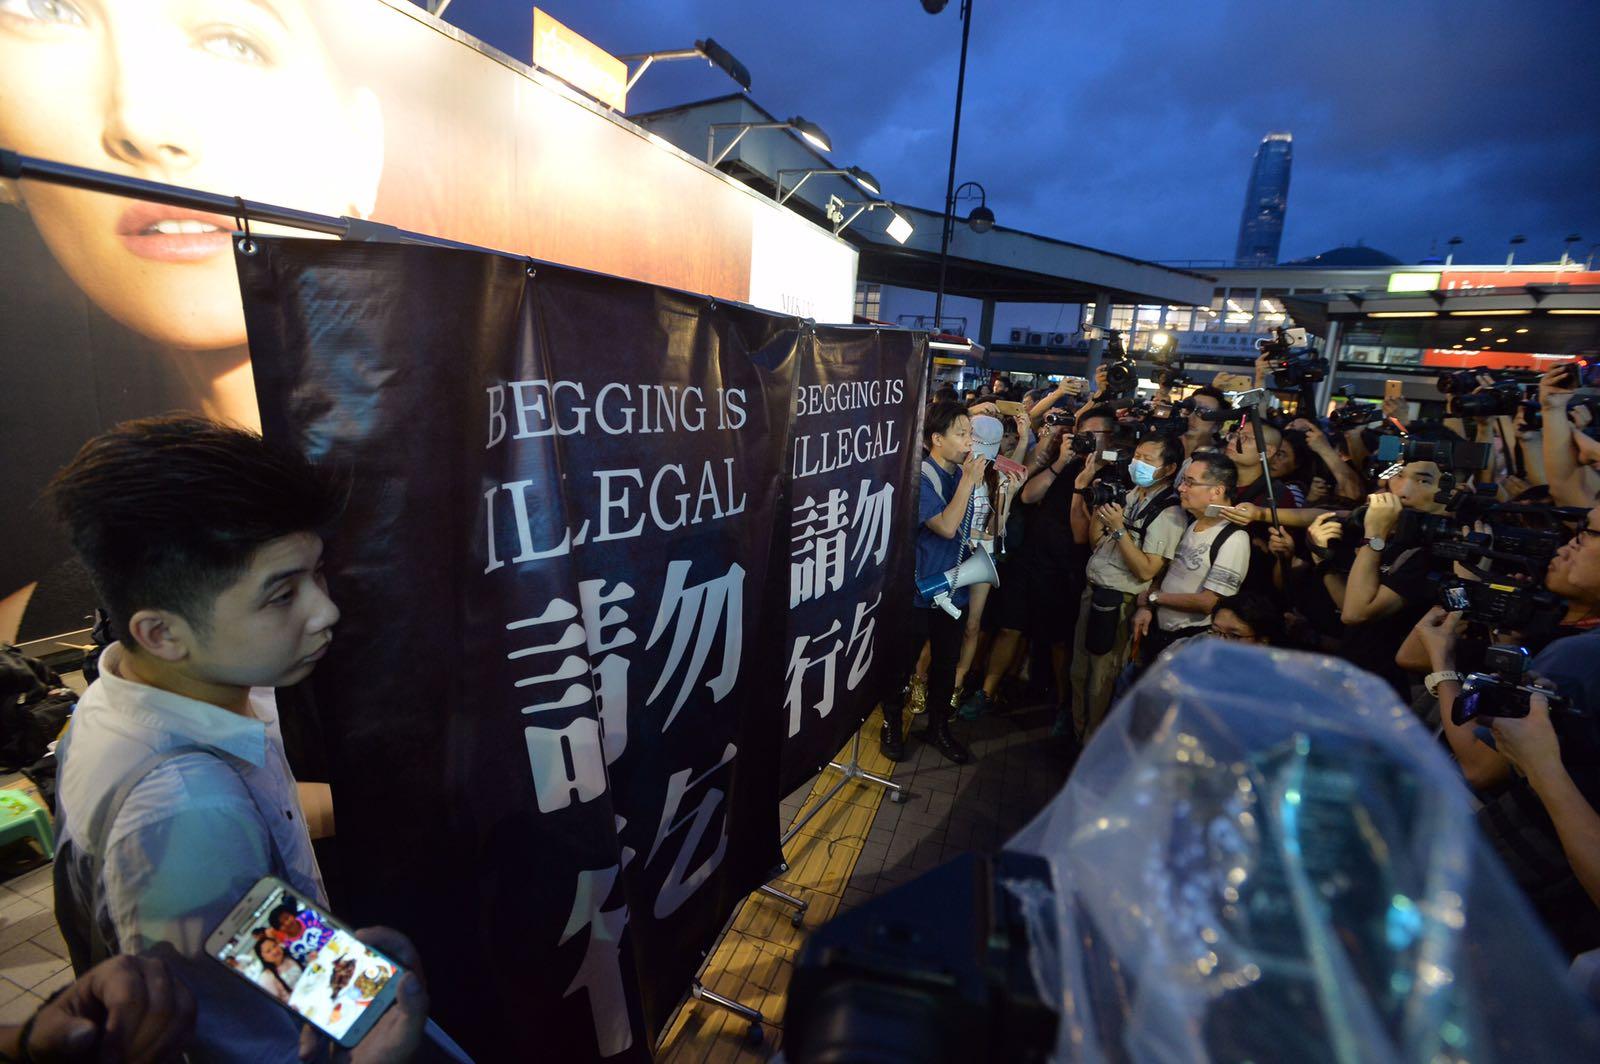 抗議者手持寫上「請勿行乞」的大型橫額。黃賢創攝